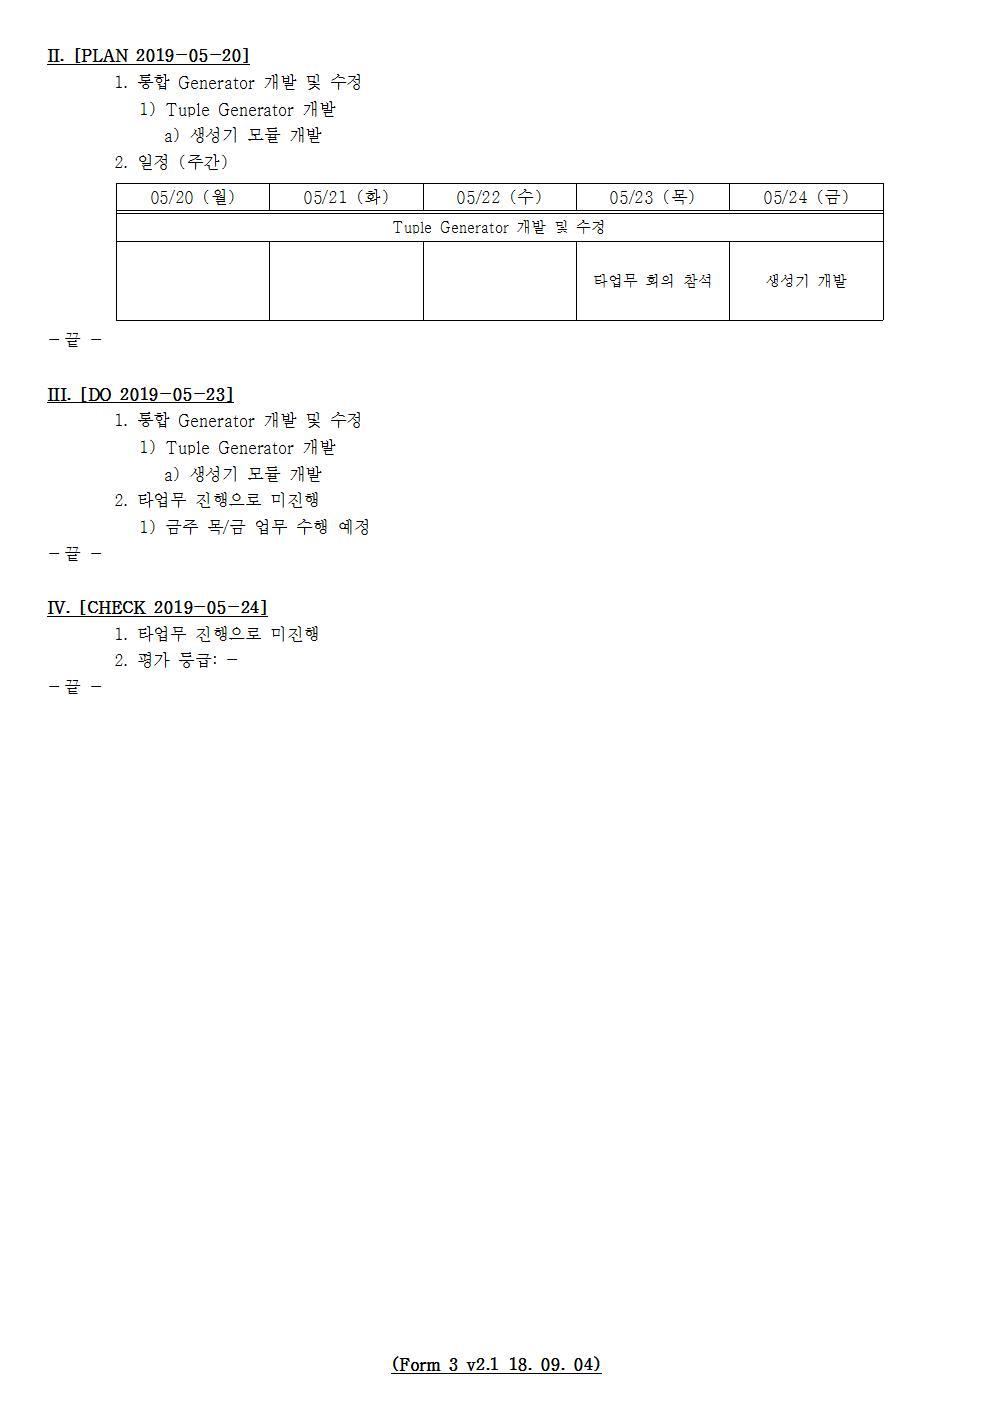 D-[19-003-RD-03]-[Tool-SRRE-1.X]-[2019-05-24][JS]-[19-5-4]-[P+D+C]002.jpg